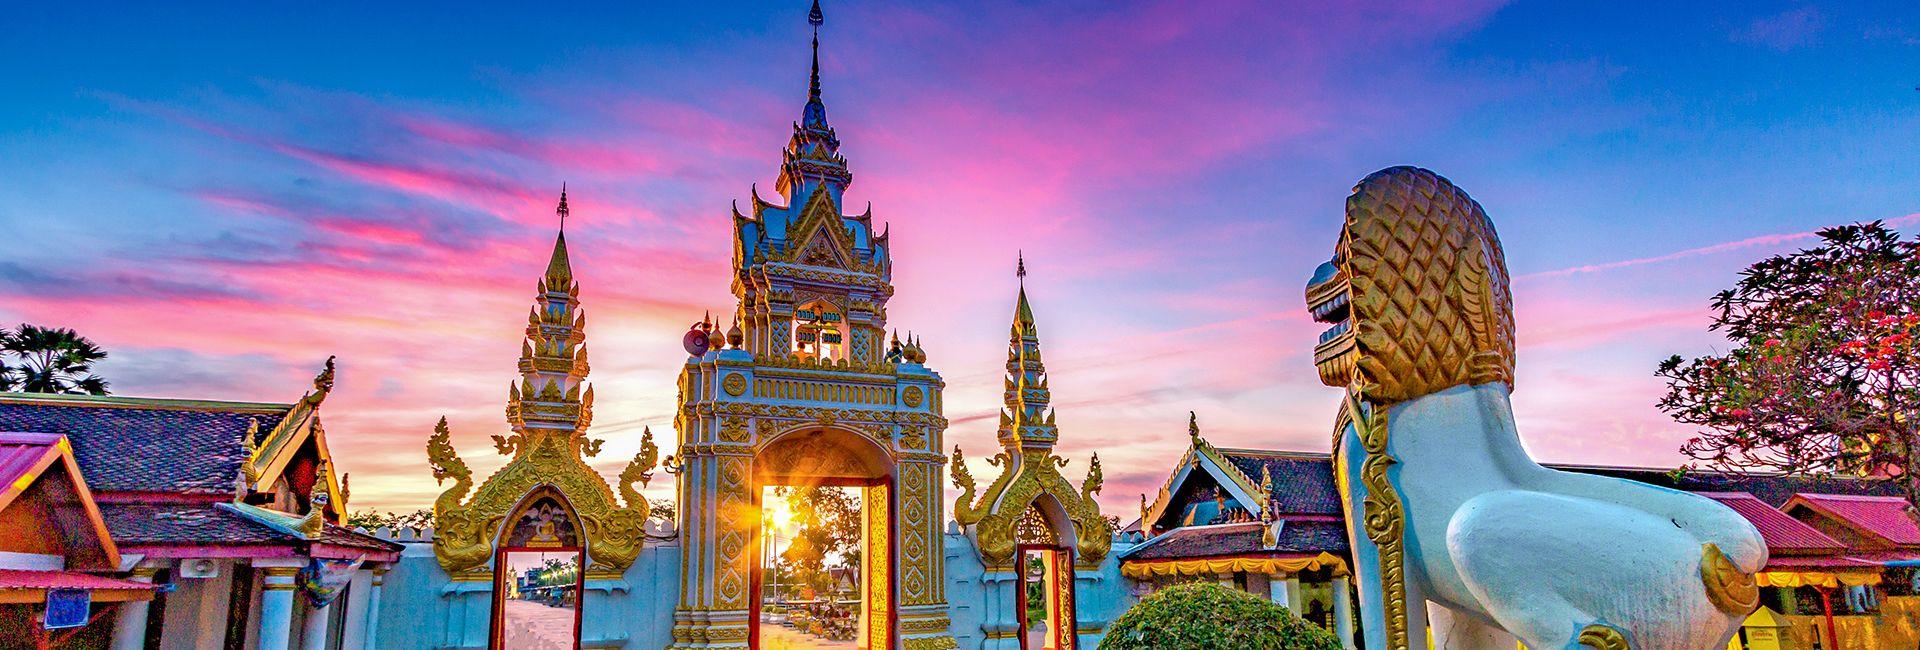 Top 5 bảo tàng nghệ thuật ấn tượng nhất ở Thái Lan